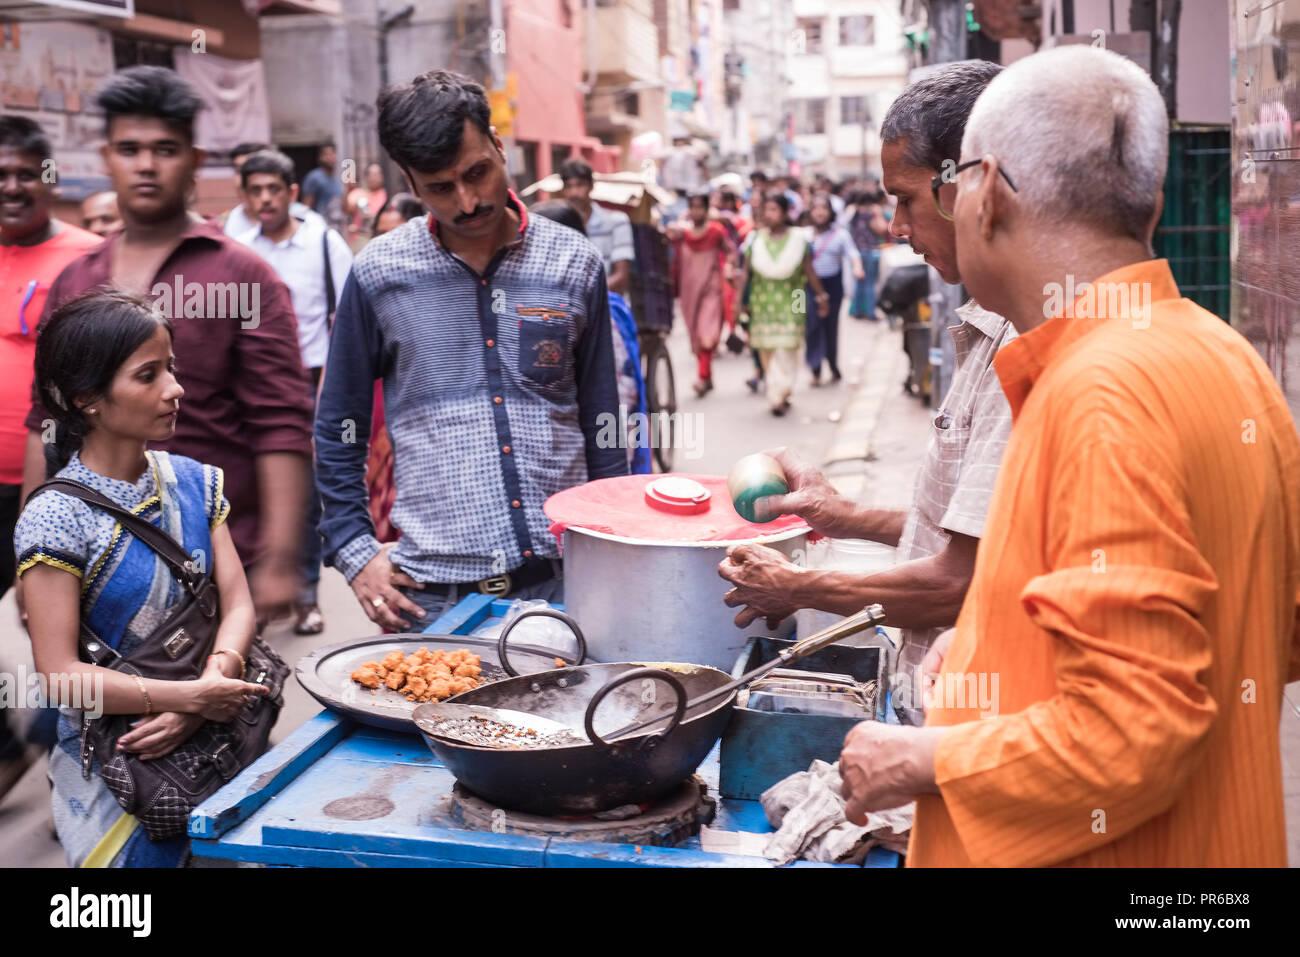 Kolkata,Street food,fast,hot,ready made, served, ,on road,to a Durga puja,Pandal,Kolkata,India. - Stock Image